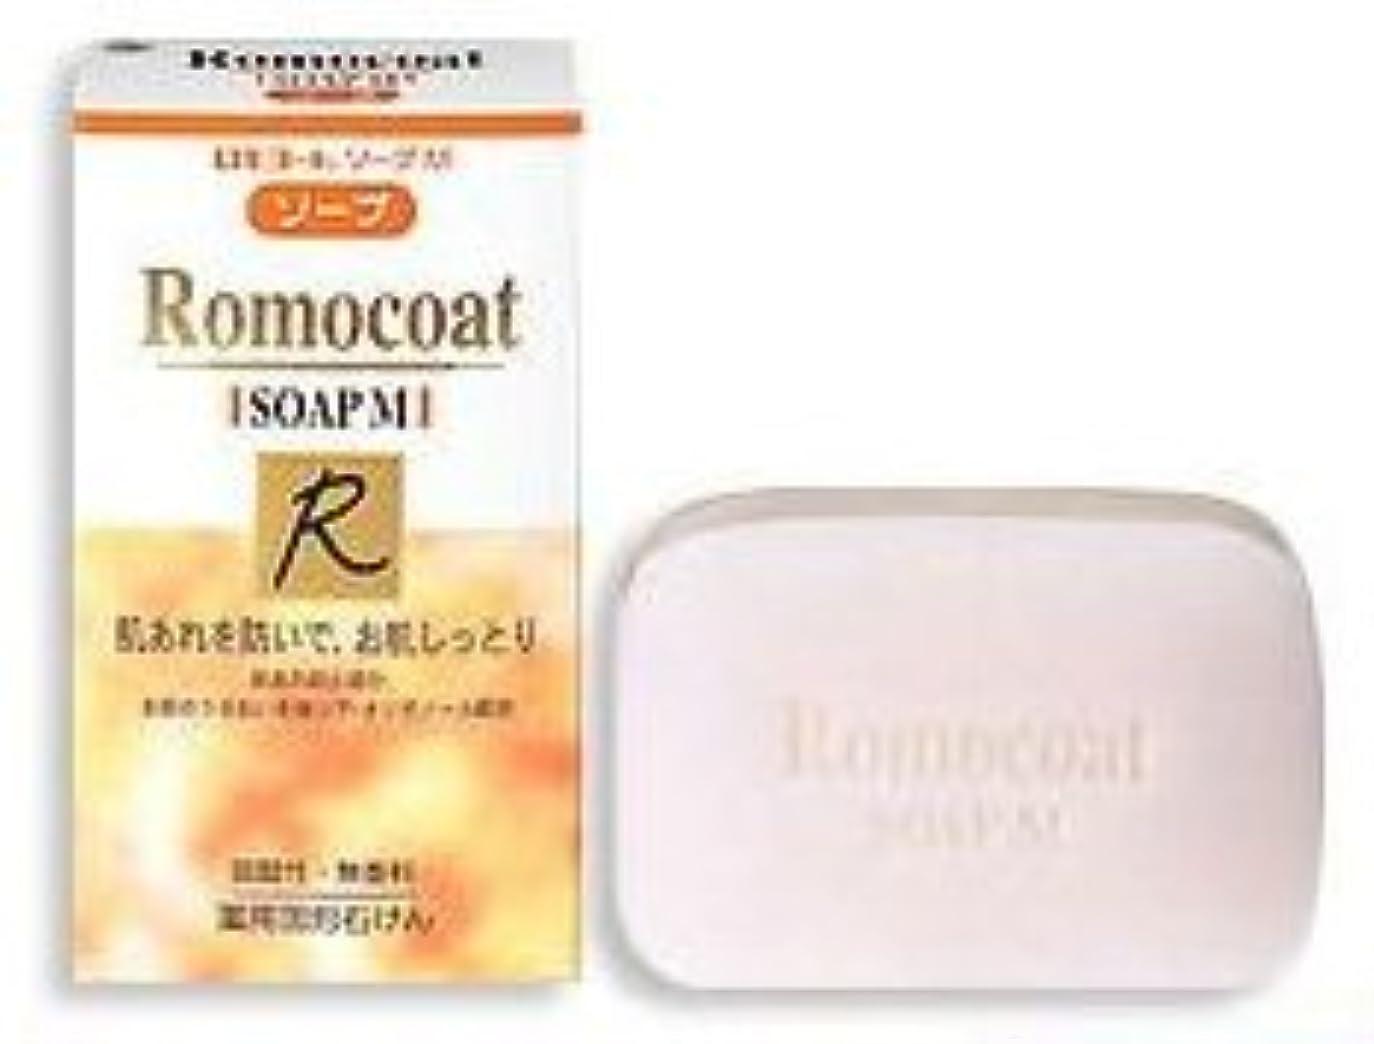 カフェナイトスポット挨拶ロモコートソープM (60g) x2個組